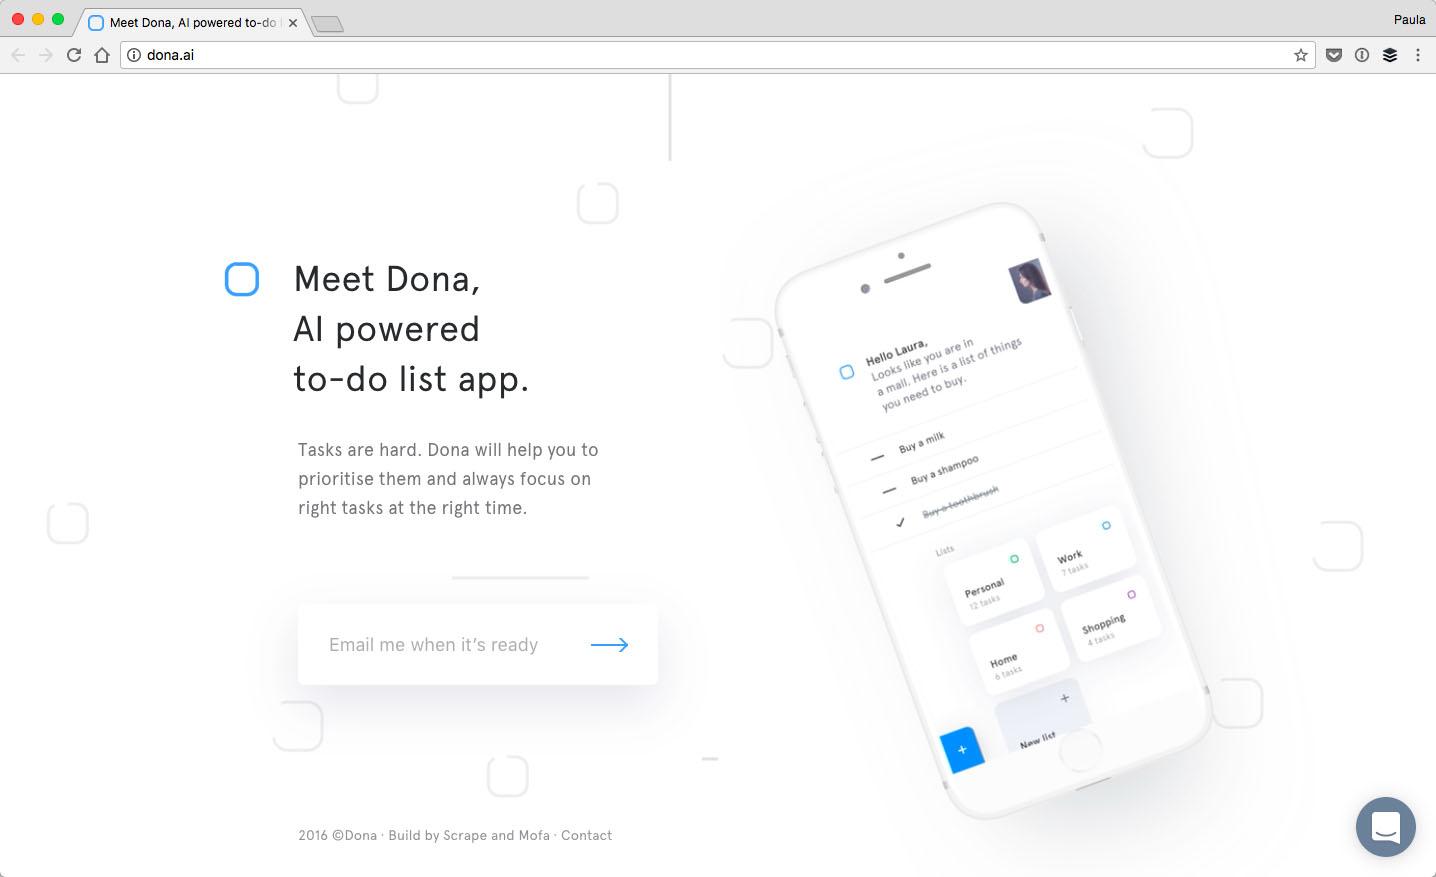 Meet Dona